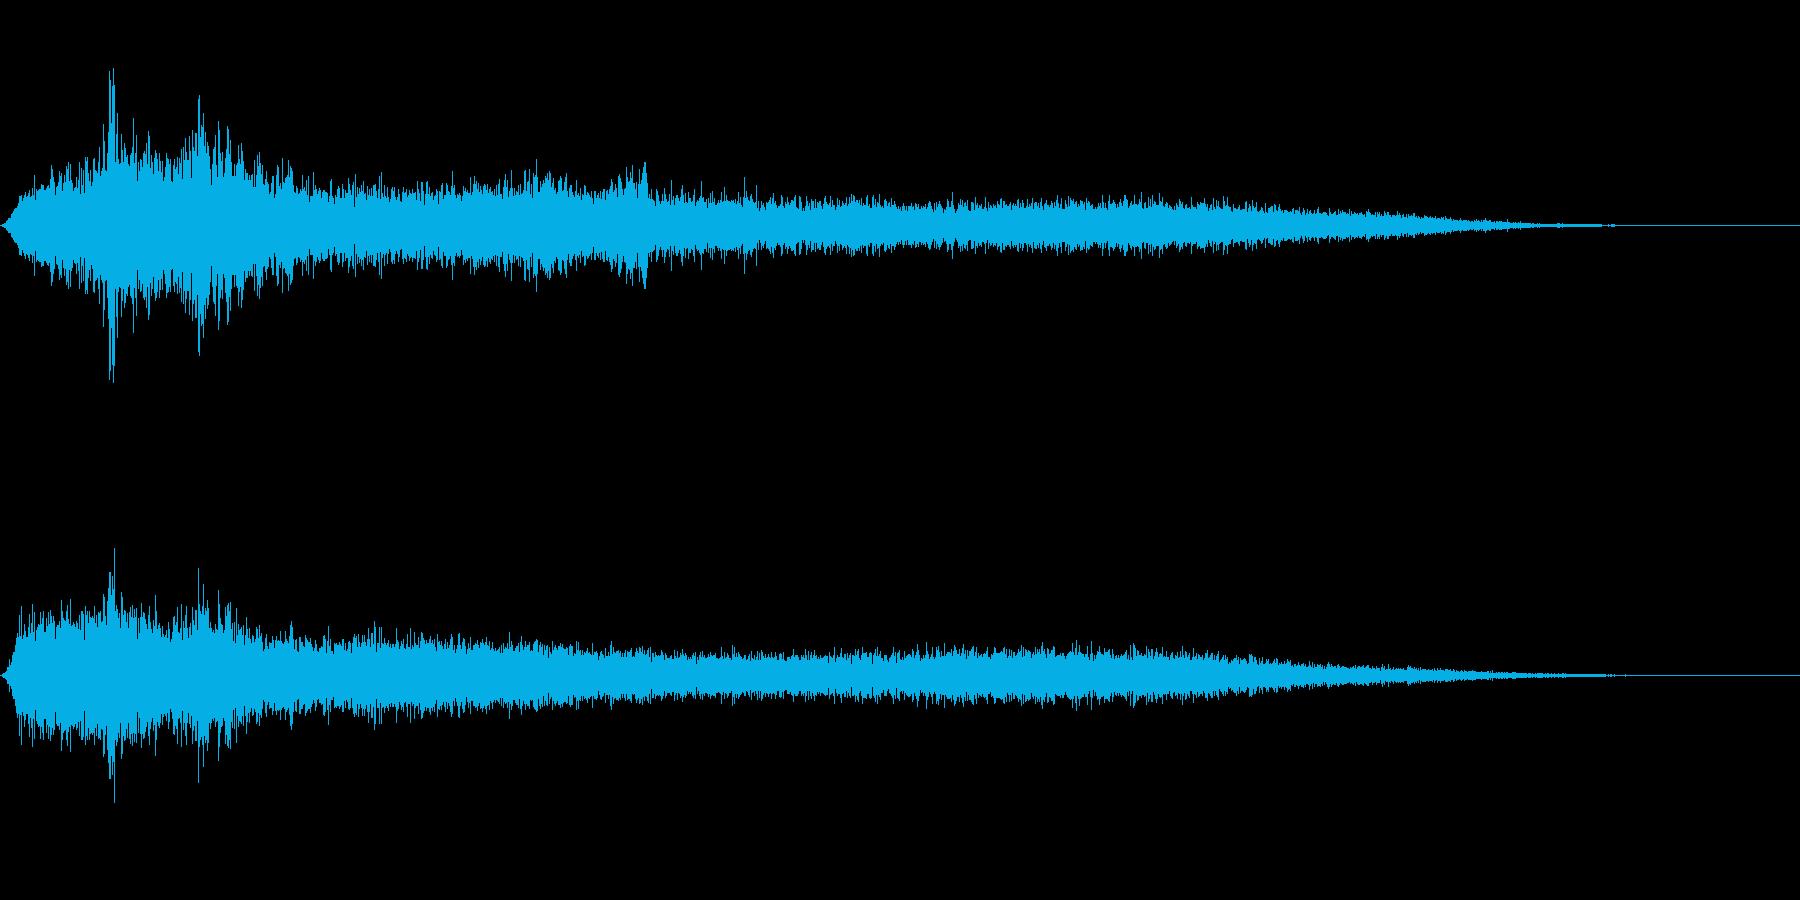 【生録音】 早朝の街 交通 環境音 18の再生済みの波形